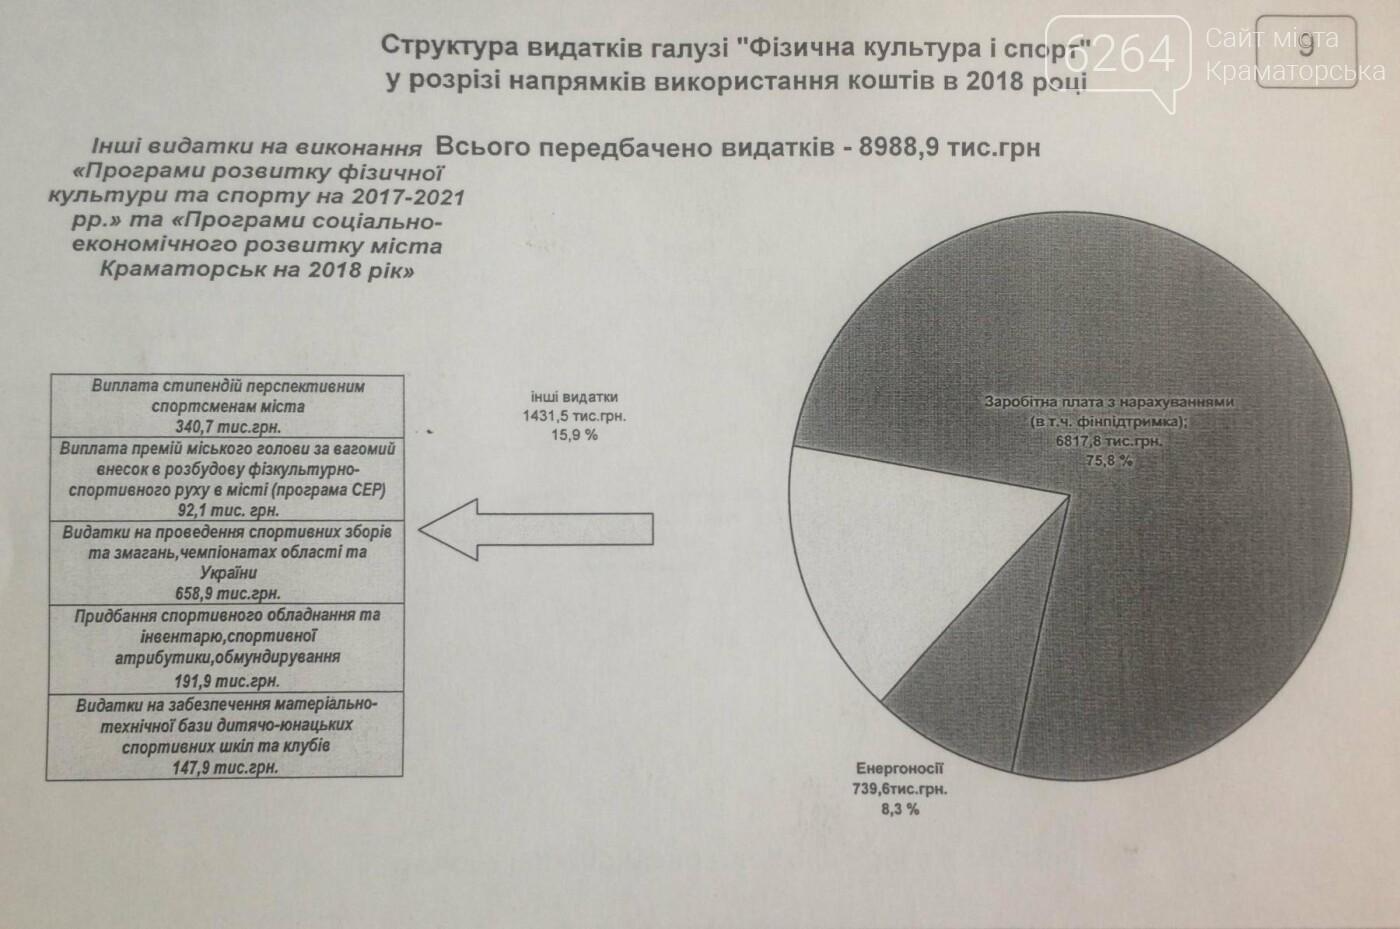 В Краматорске утвержден городской бюджет на 2018 год, фото-1